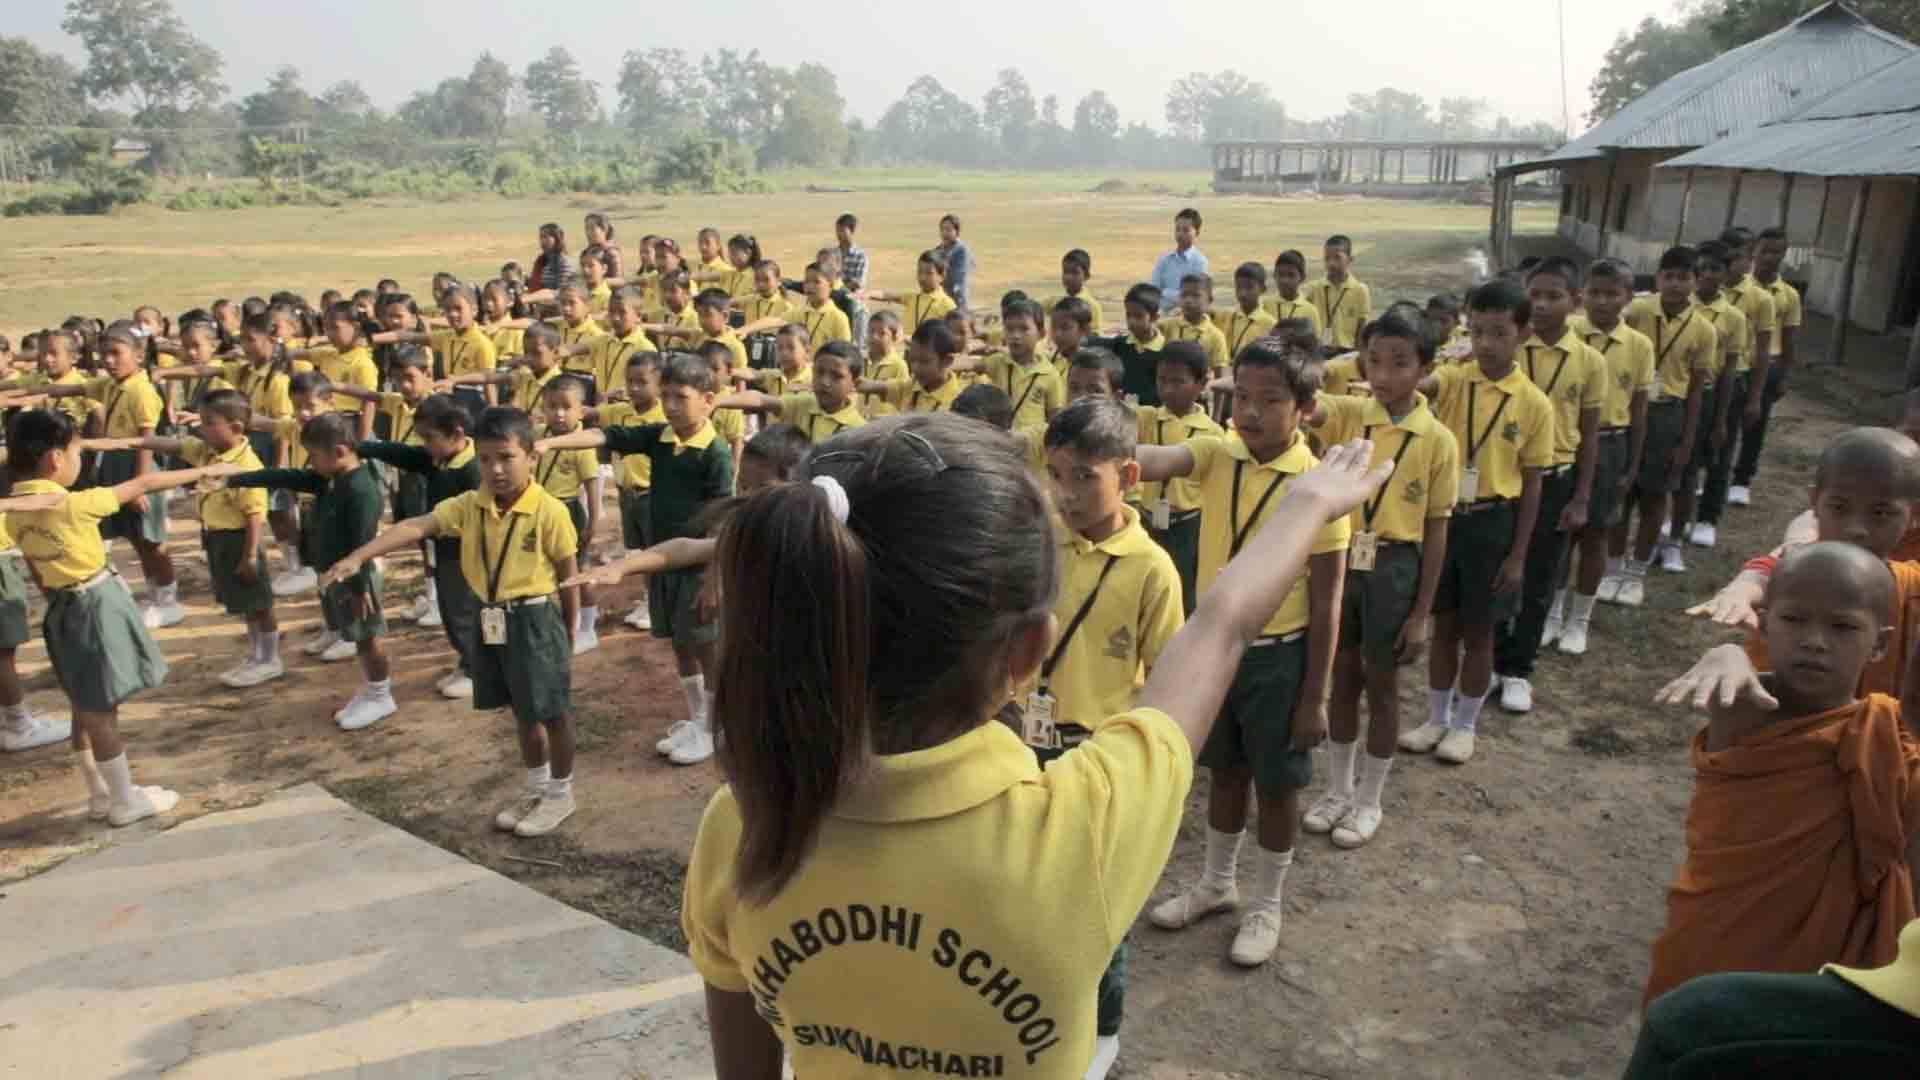 mahabodhi-suknachari-school